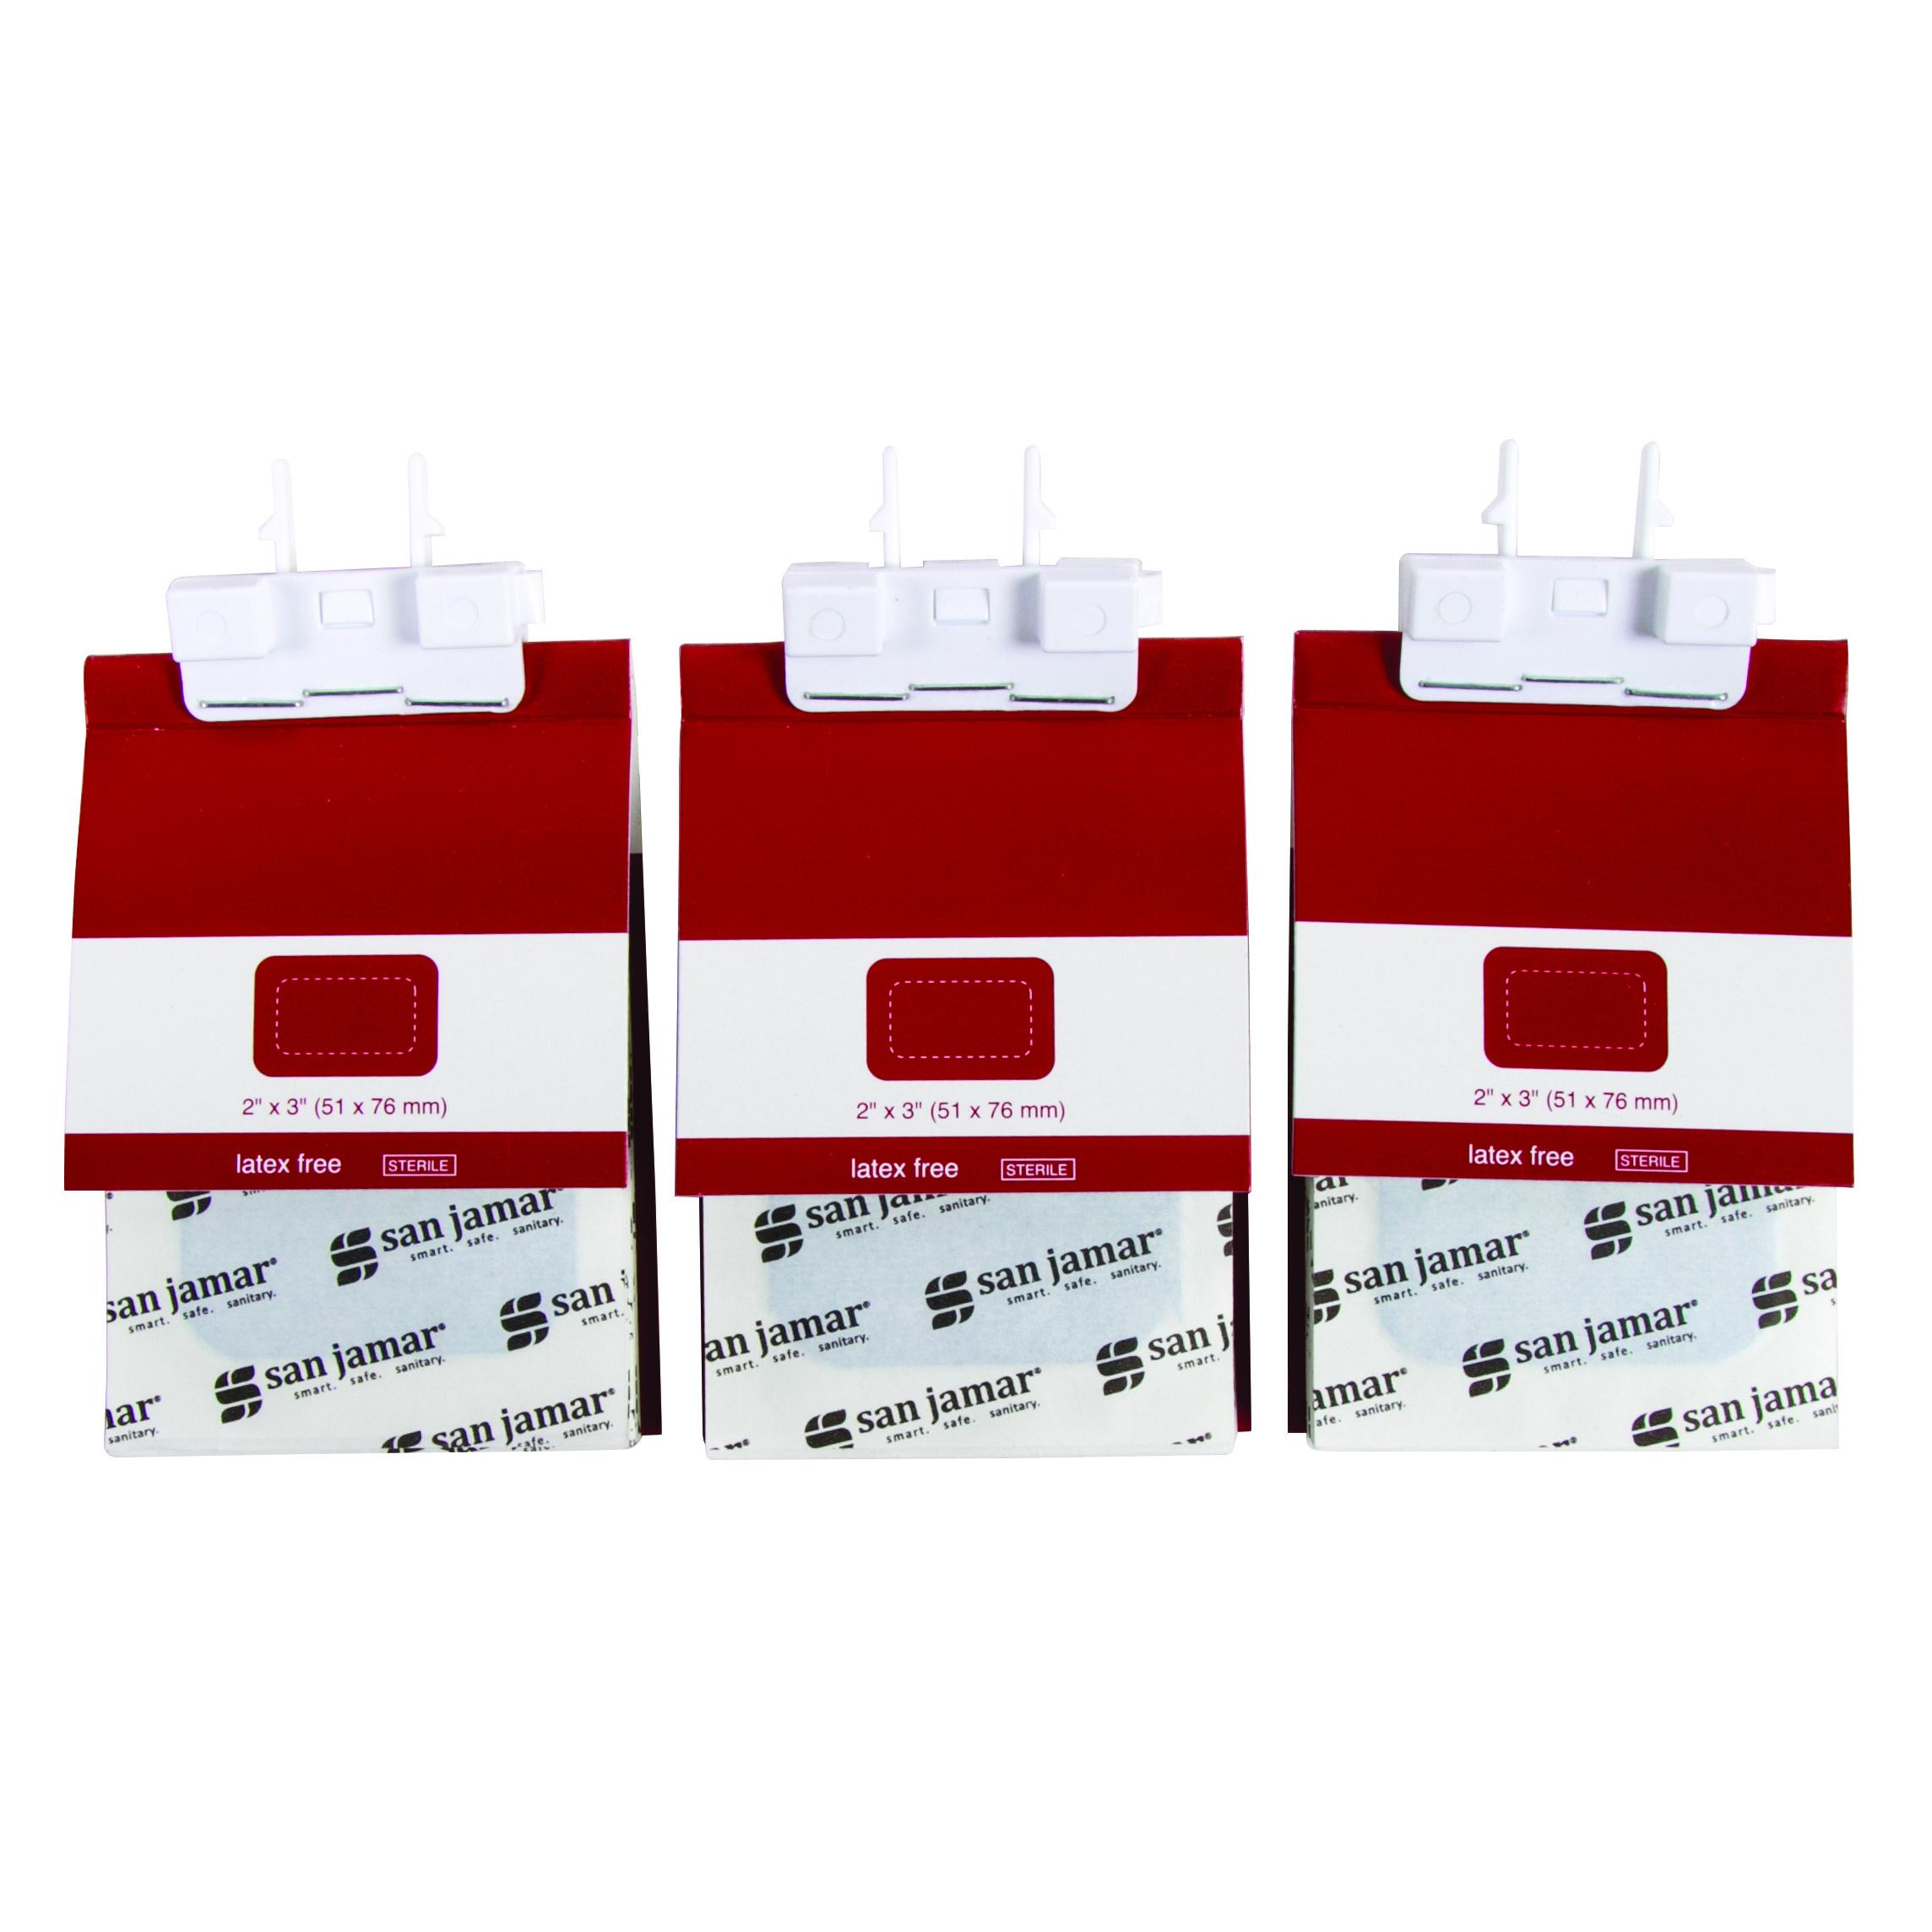 San Jamar MKBR905 first aid supplies